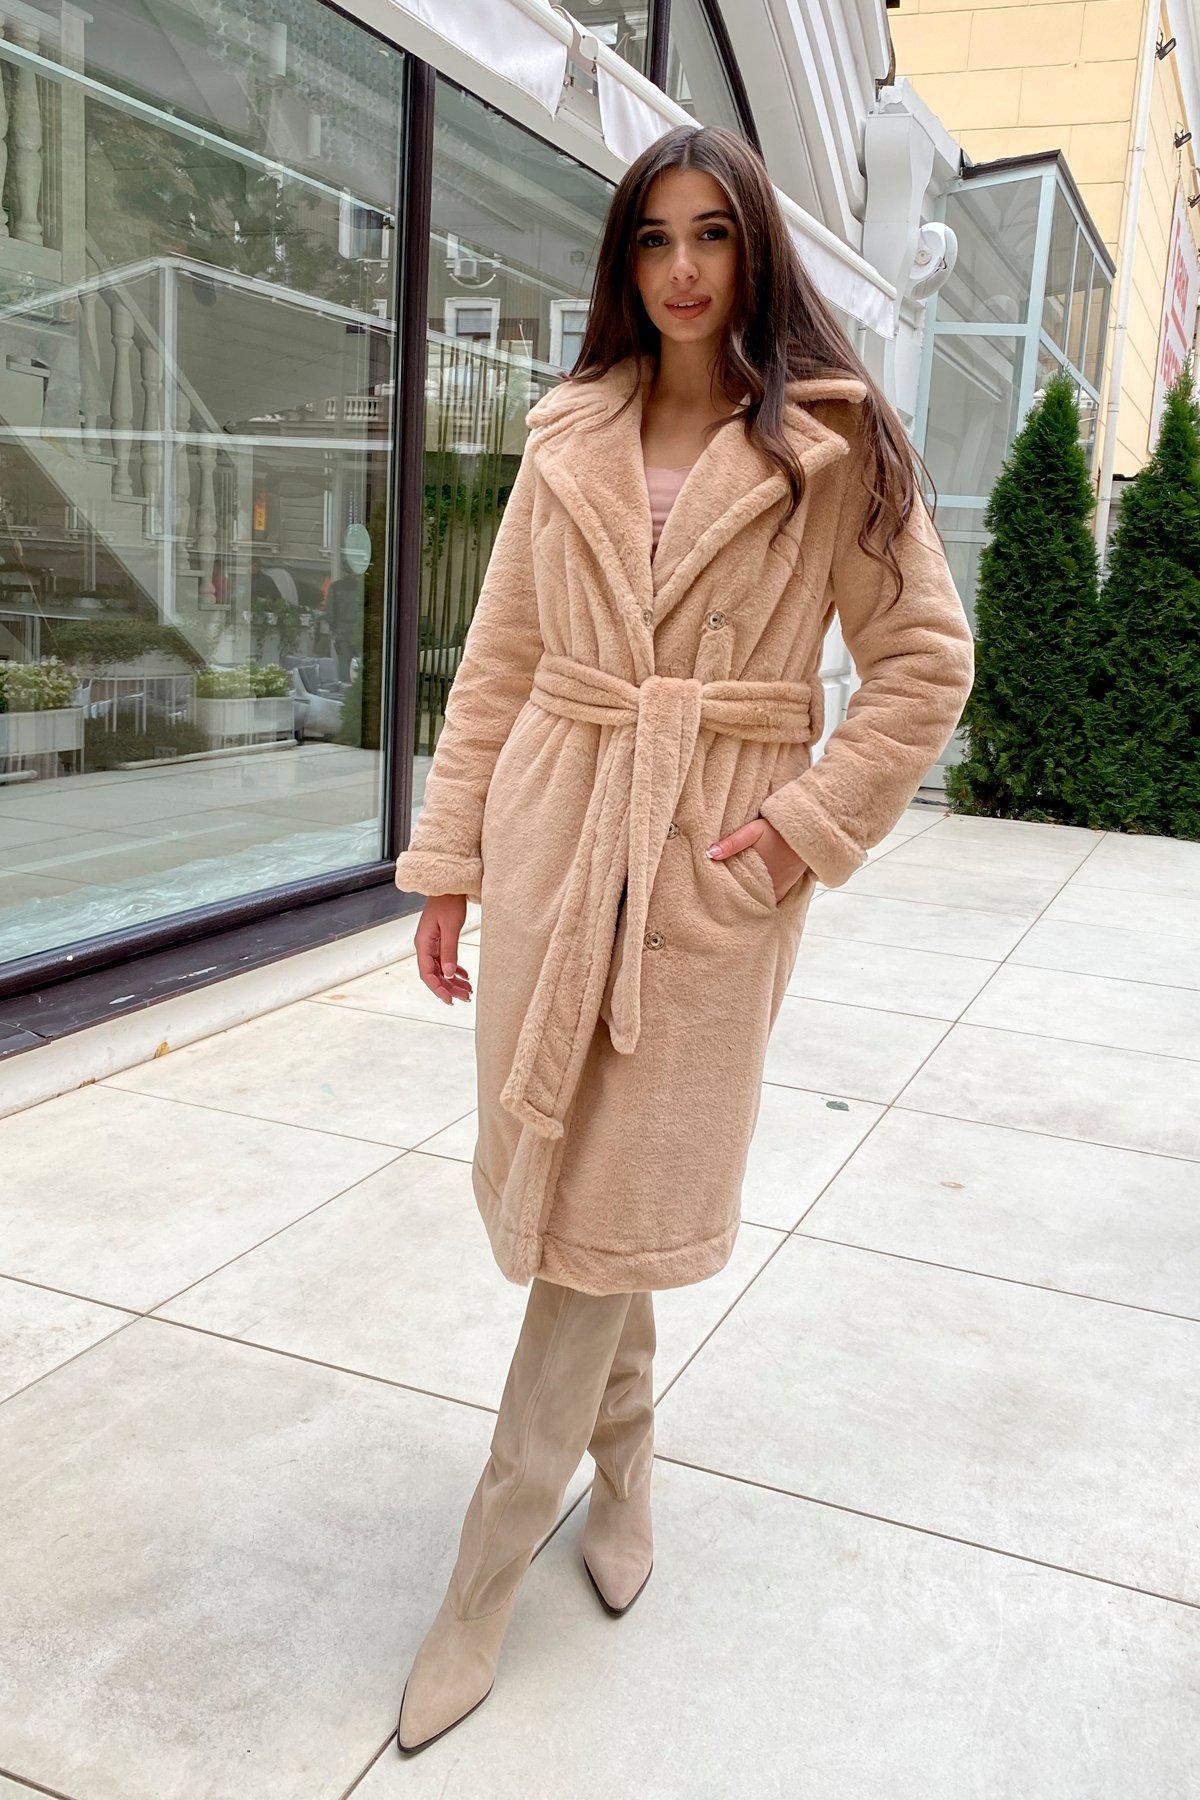 Зимнее пальто из искусственного меха норки Саманта 8641 АРТ. 44956 Цвет: Бежевый - фото 10, интернет магазин tm-modus.ru